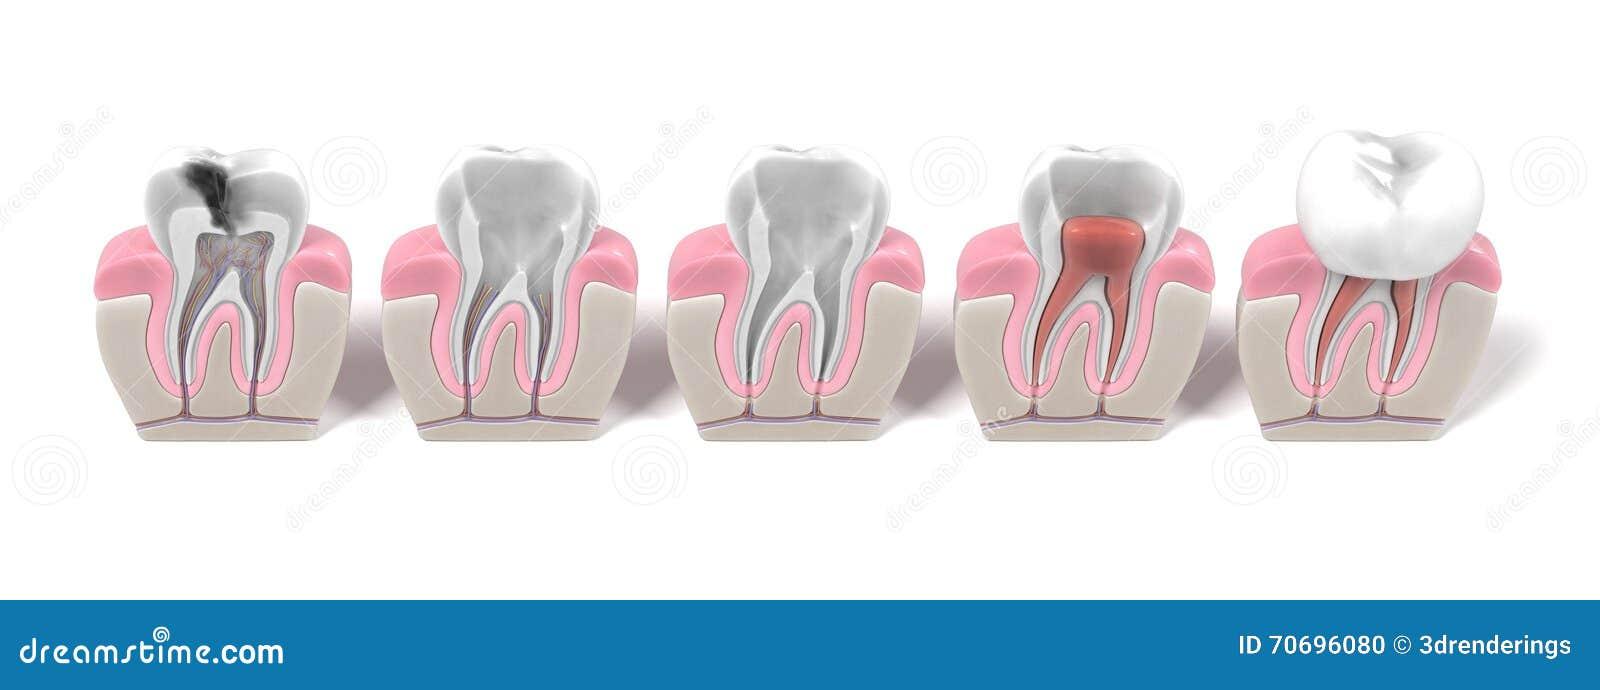 Endodontics - rota kanaltillvägagångssättet